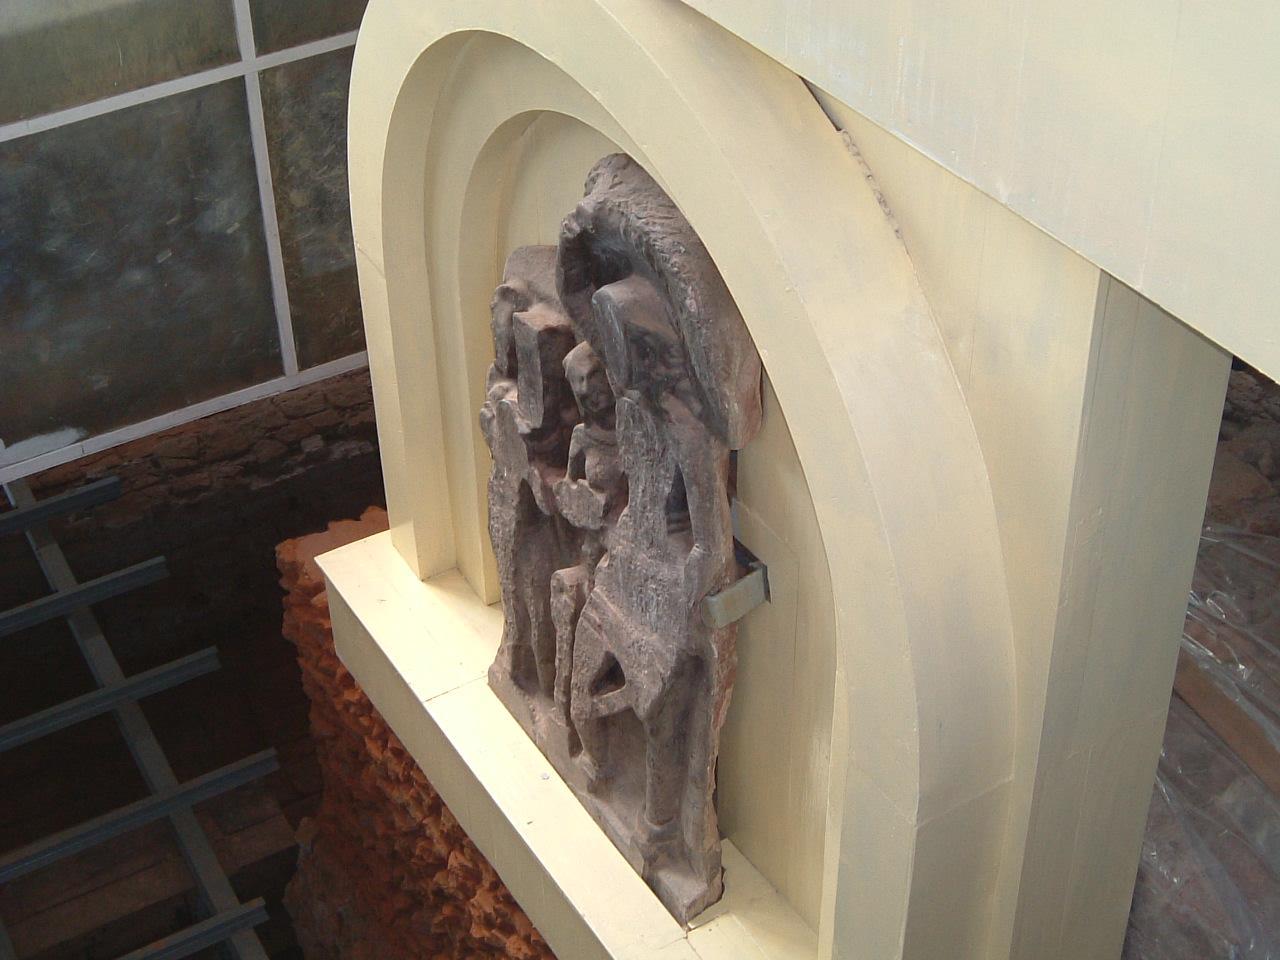 このルンビニー園の真ん中には今大きなお堂が建設さ... 『インド仏跡参拝と世界遺産の旅?【ルンビ